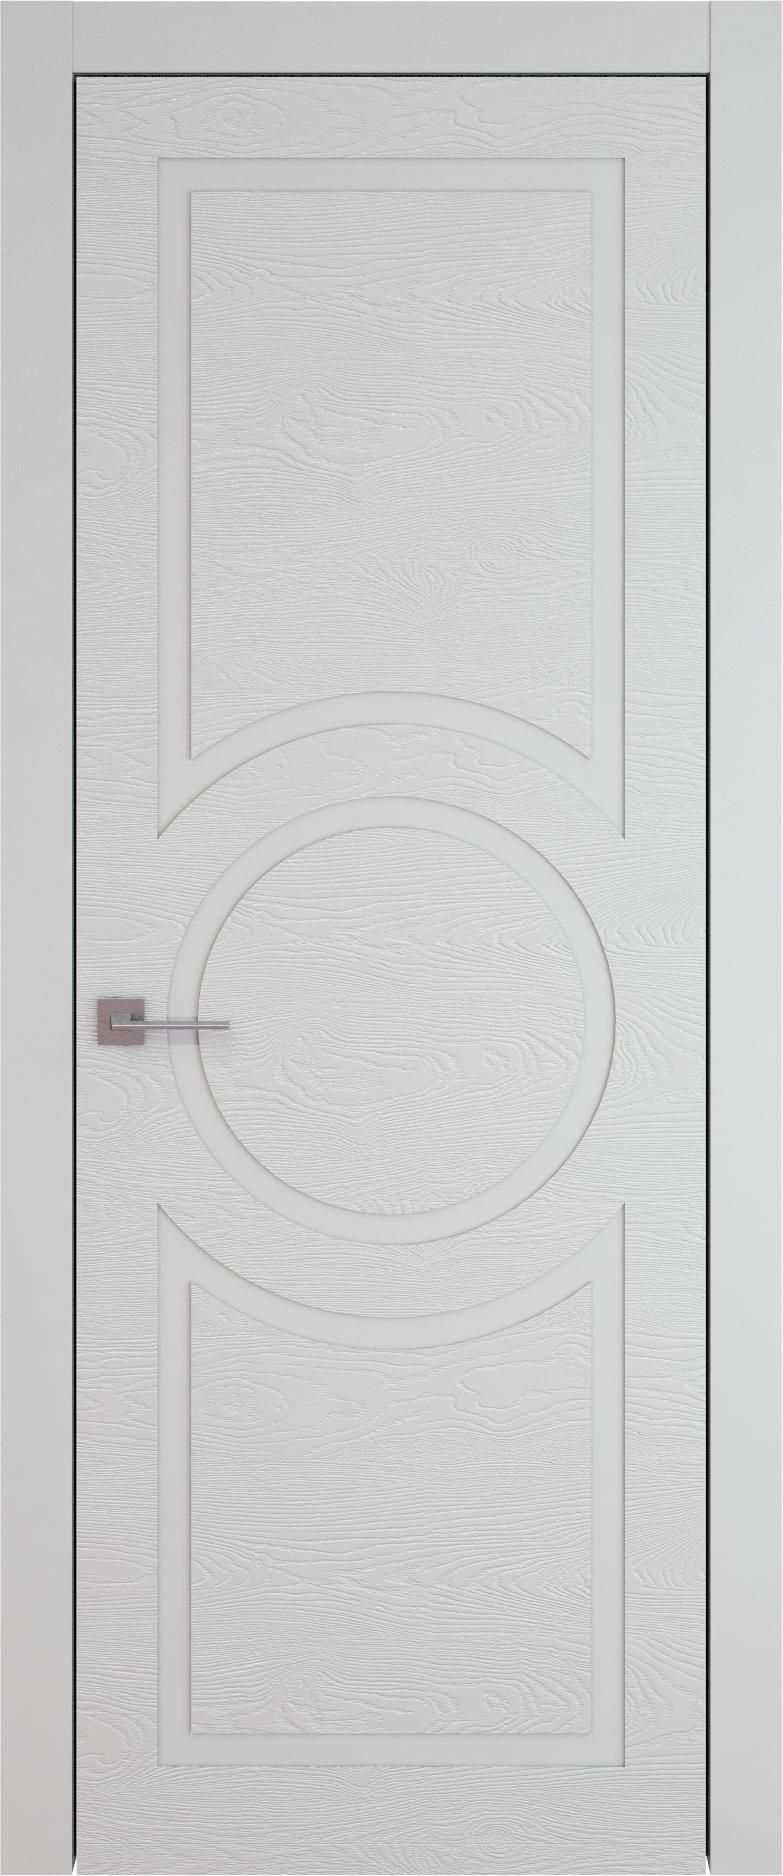 Tivoli М-5 цвет - Серая эмаль по шпону (RAL 7047) Без стекла (ДГ)